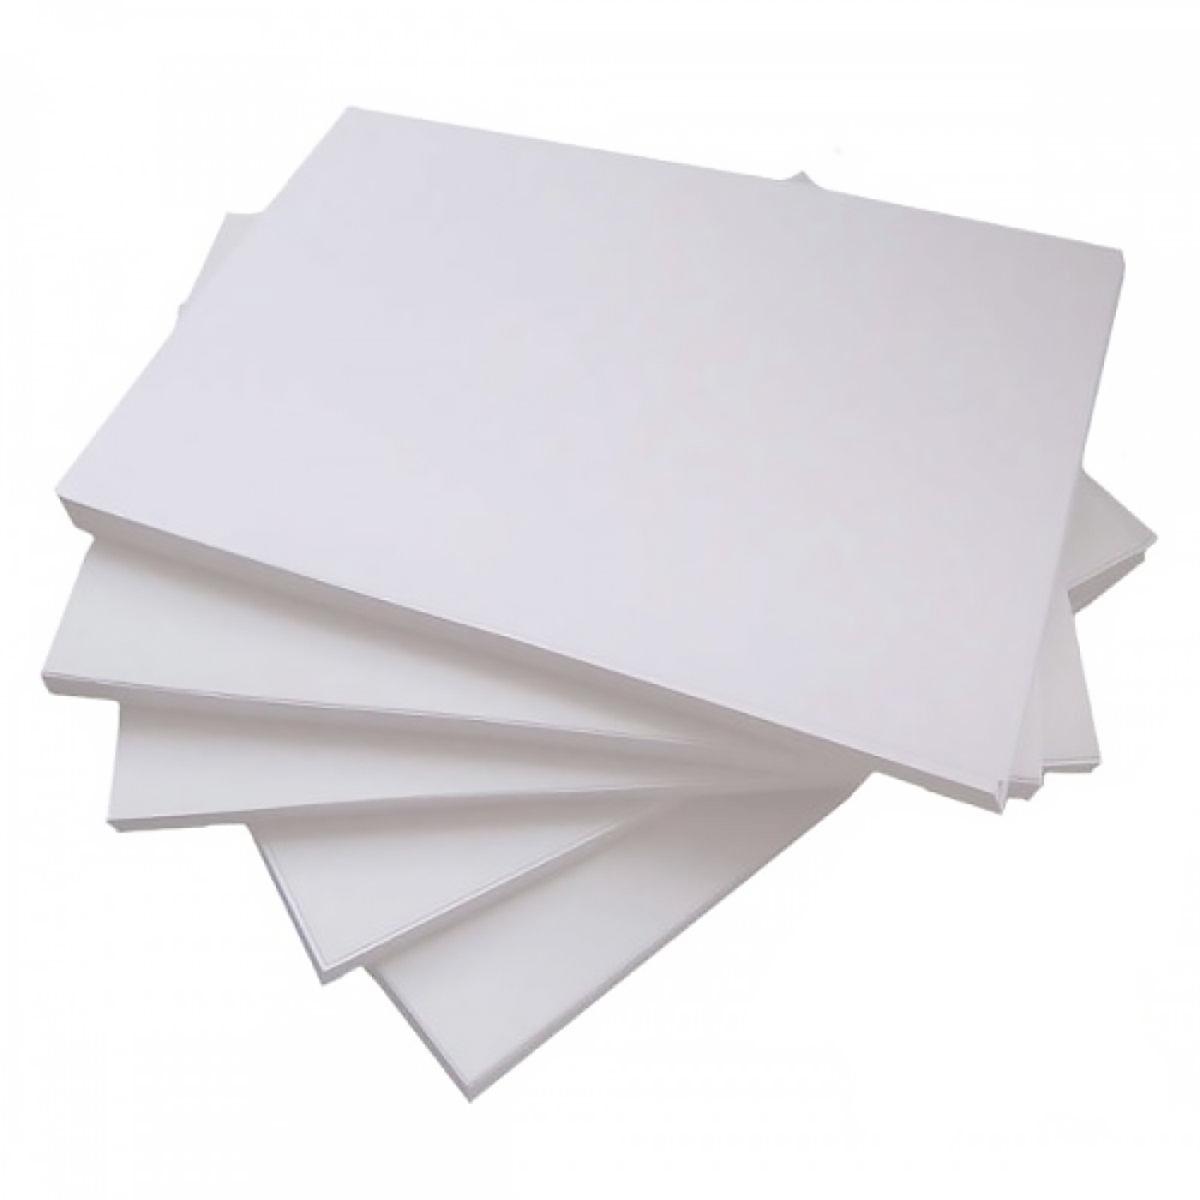 Papel Fotográfico Matte Fosco 170g A4 Branco Sem Brilho Resistente à Água / 300 Folhas